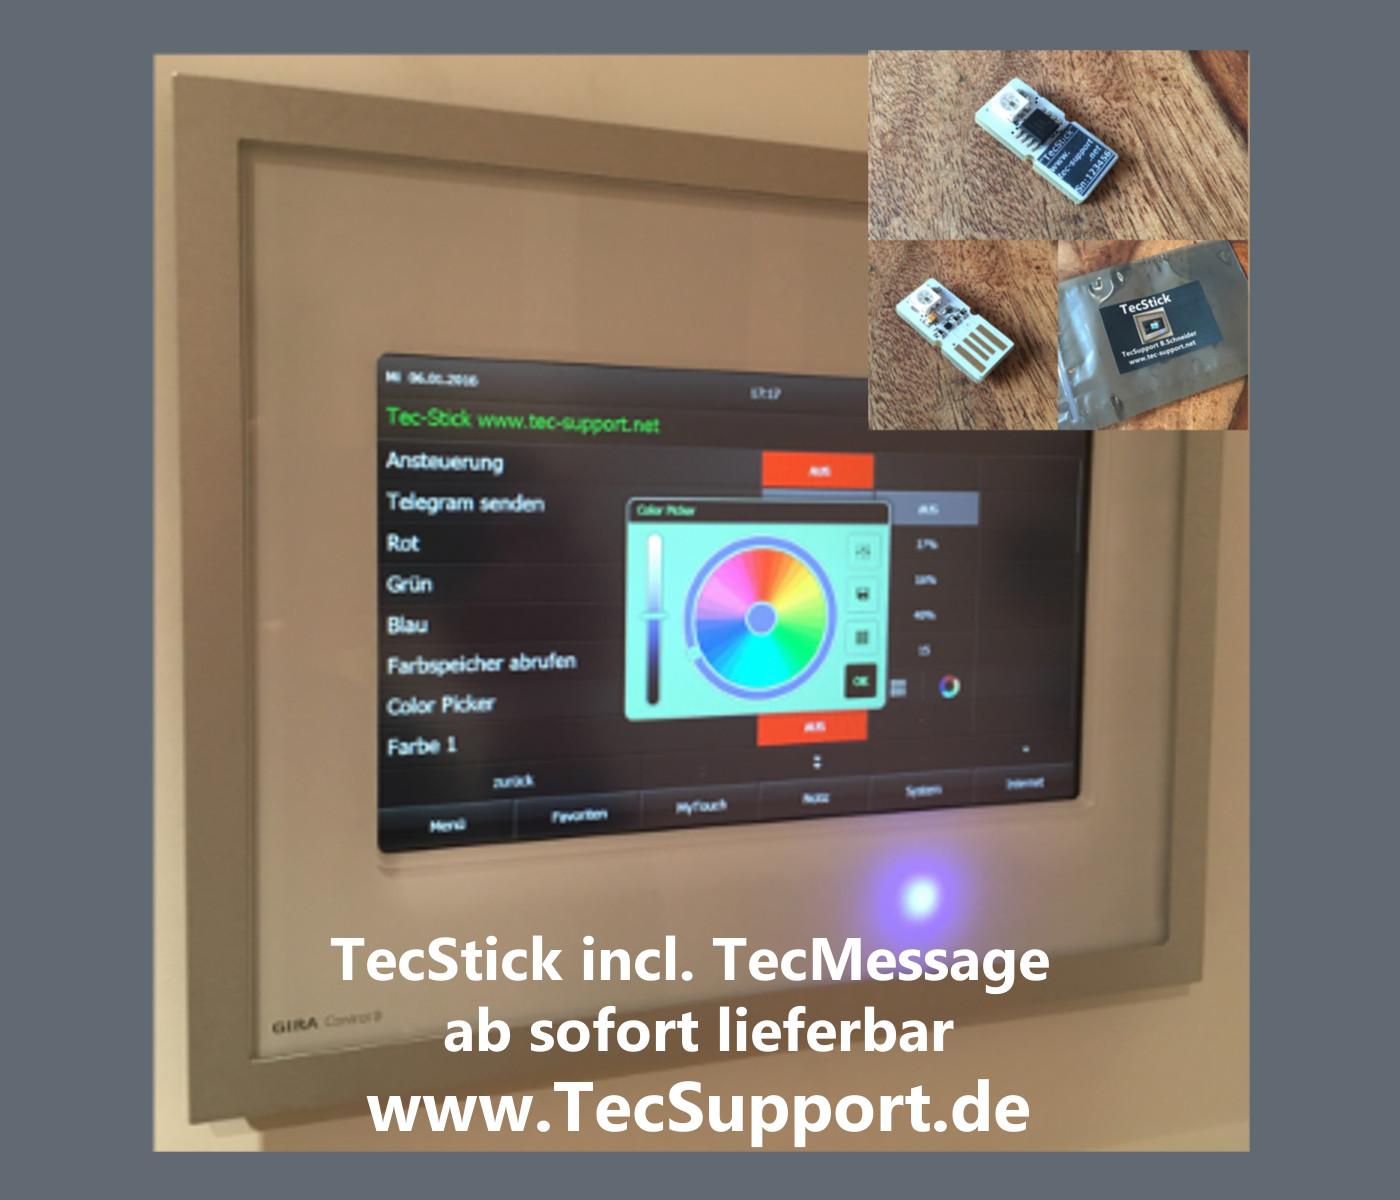 TecStick nun lieferbar. RGB USB Meldeleuchte für Pc´s + Touchpanels in Verbindung mit dem Gira Homeserver